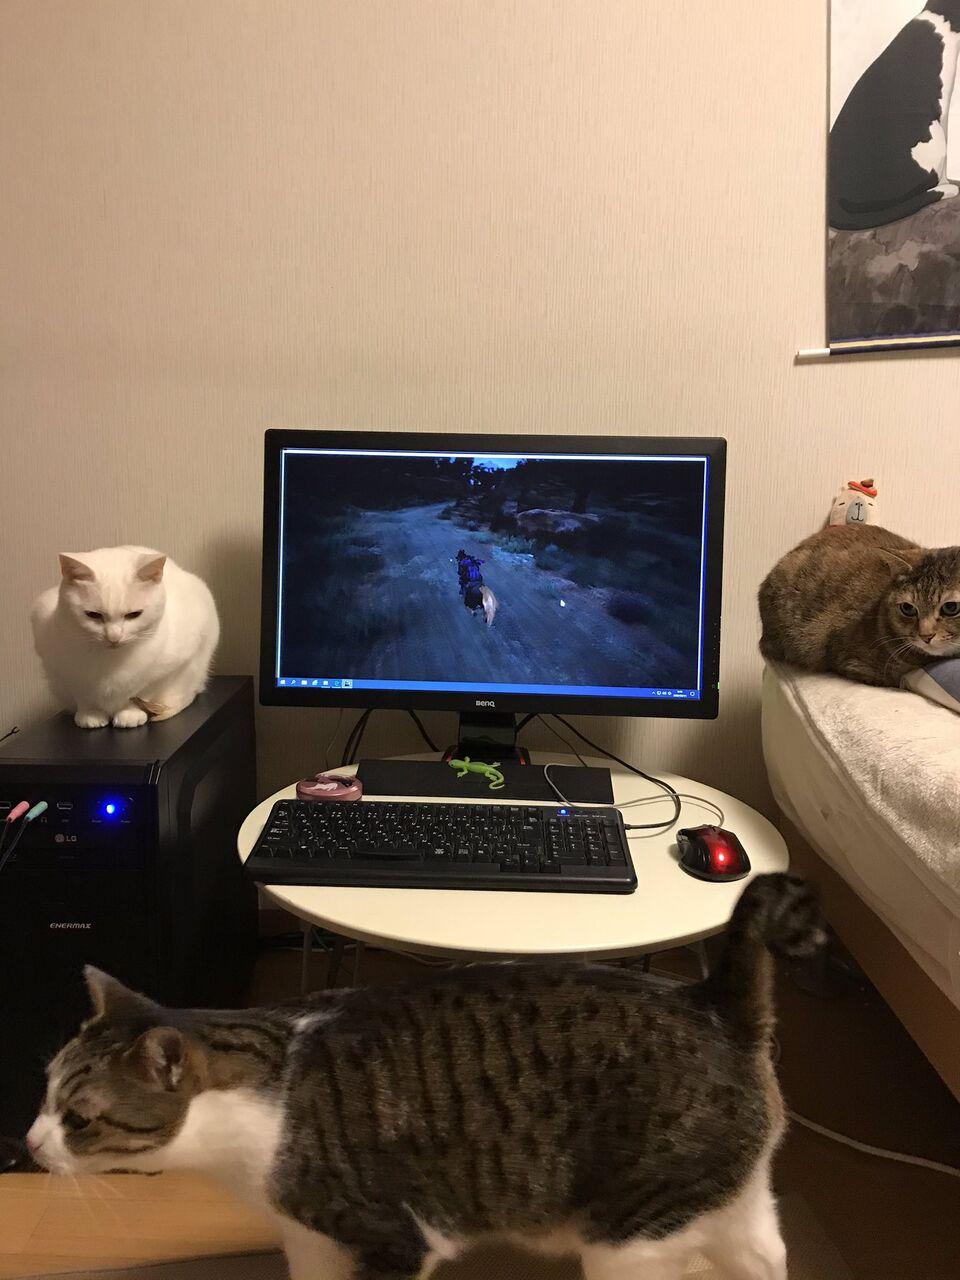 うちのパソコン周り晒すwwwwwwwww